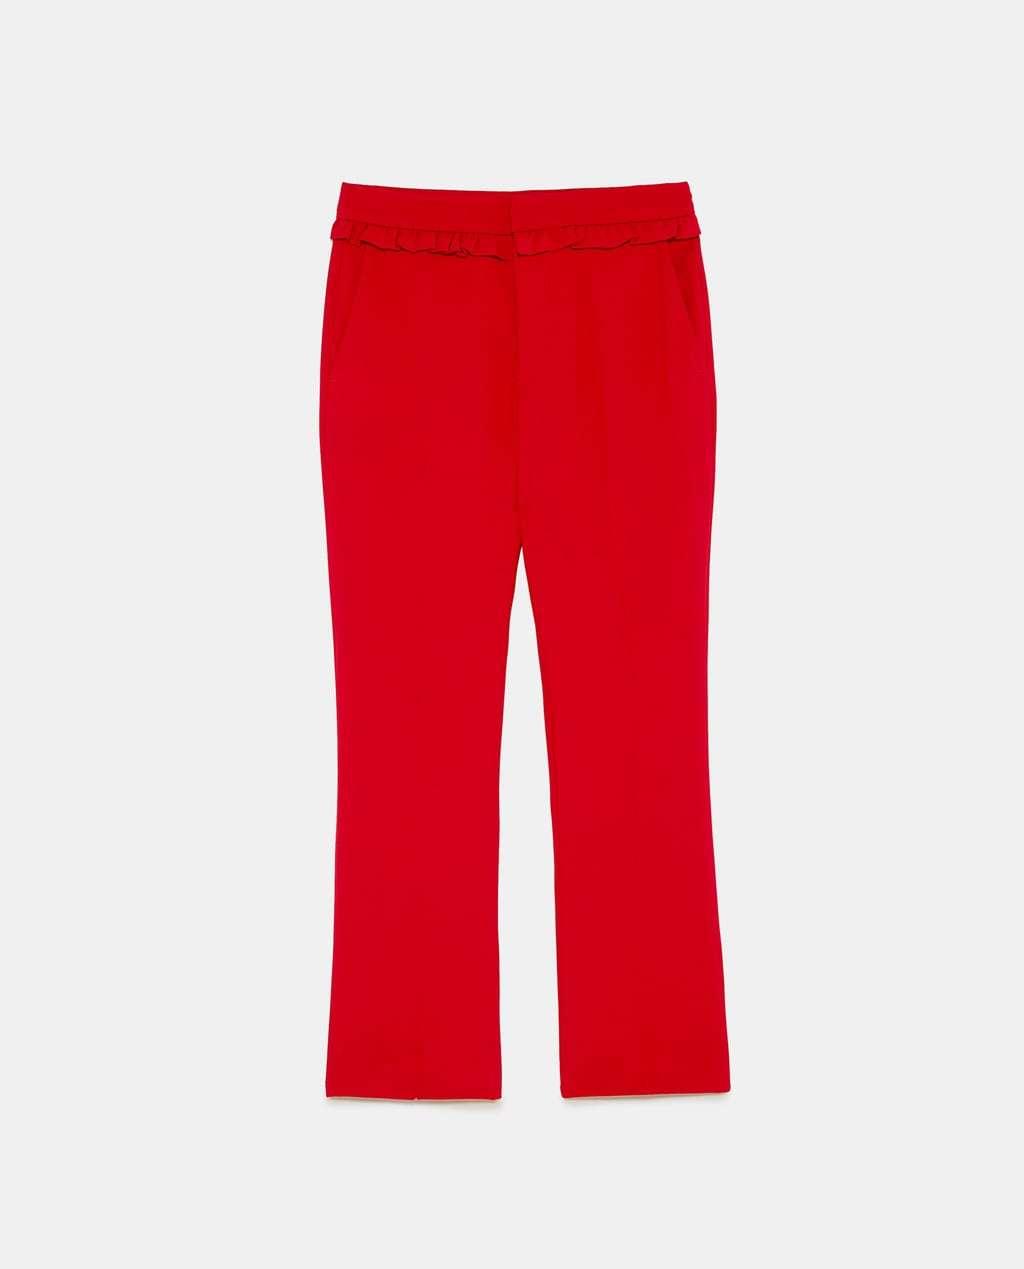 Pantalón de sastre rojo, de Zara (29'95 euros).